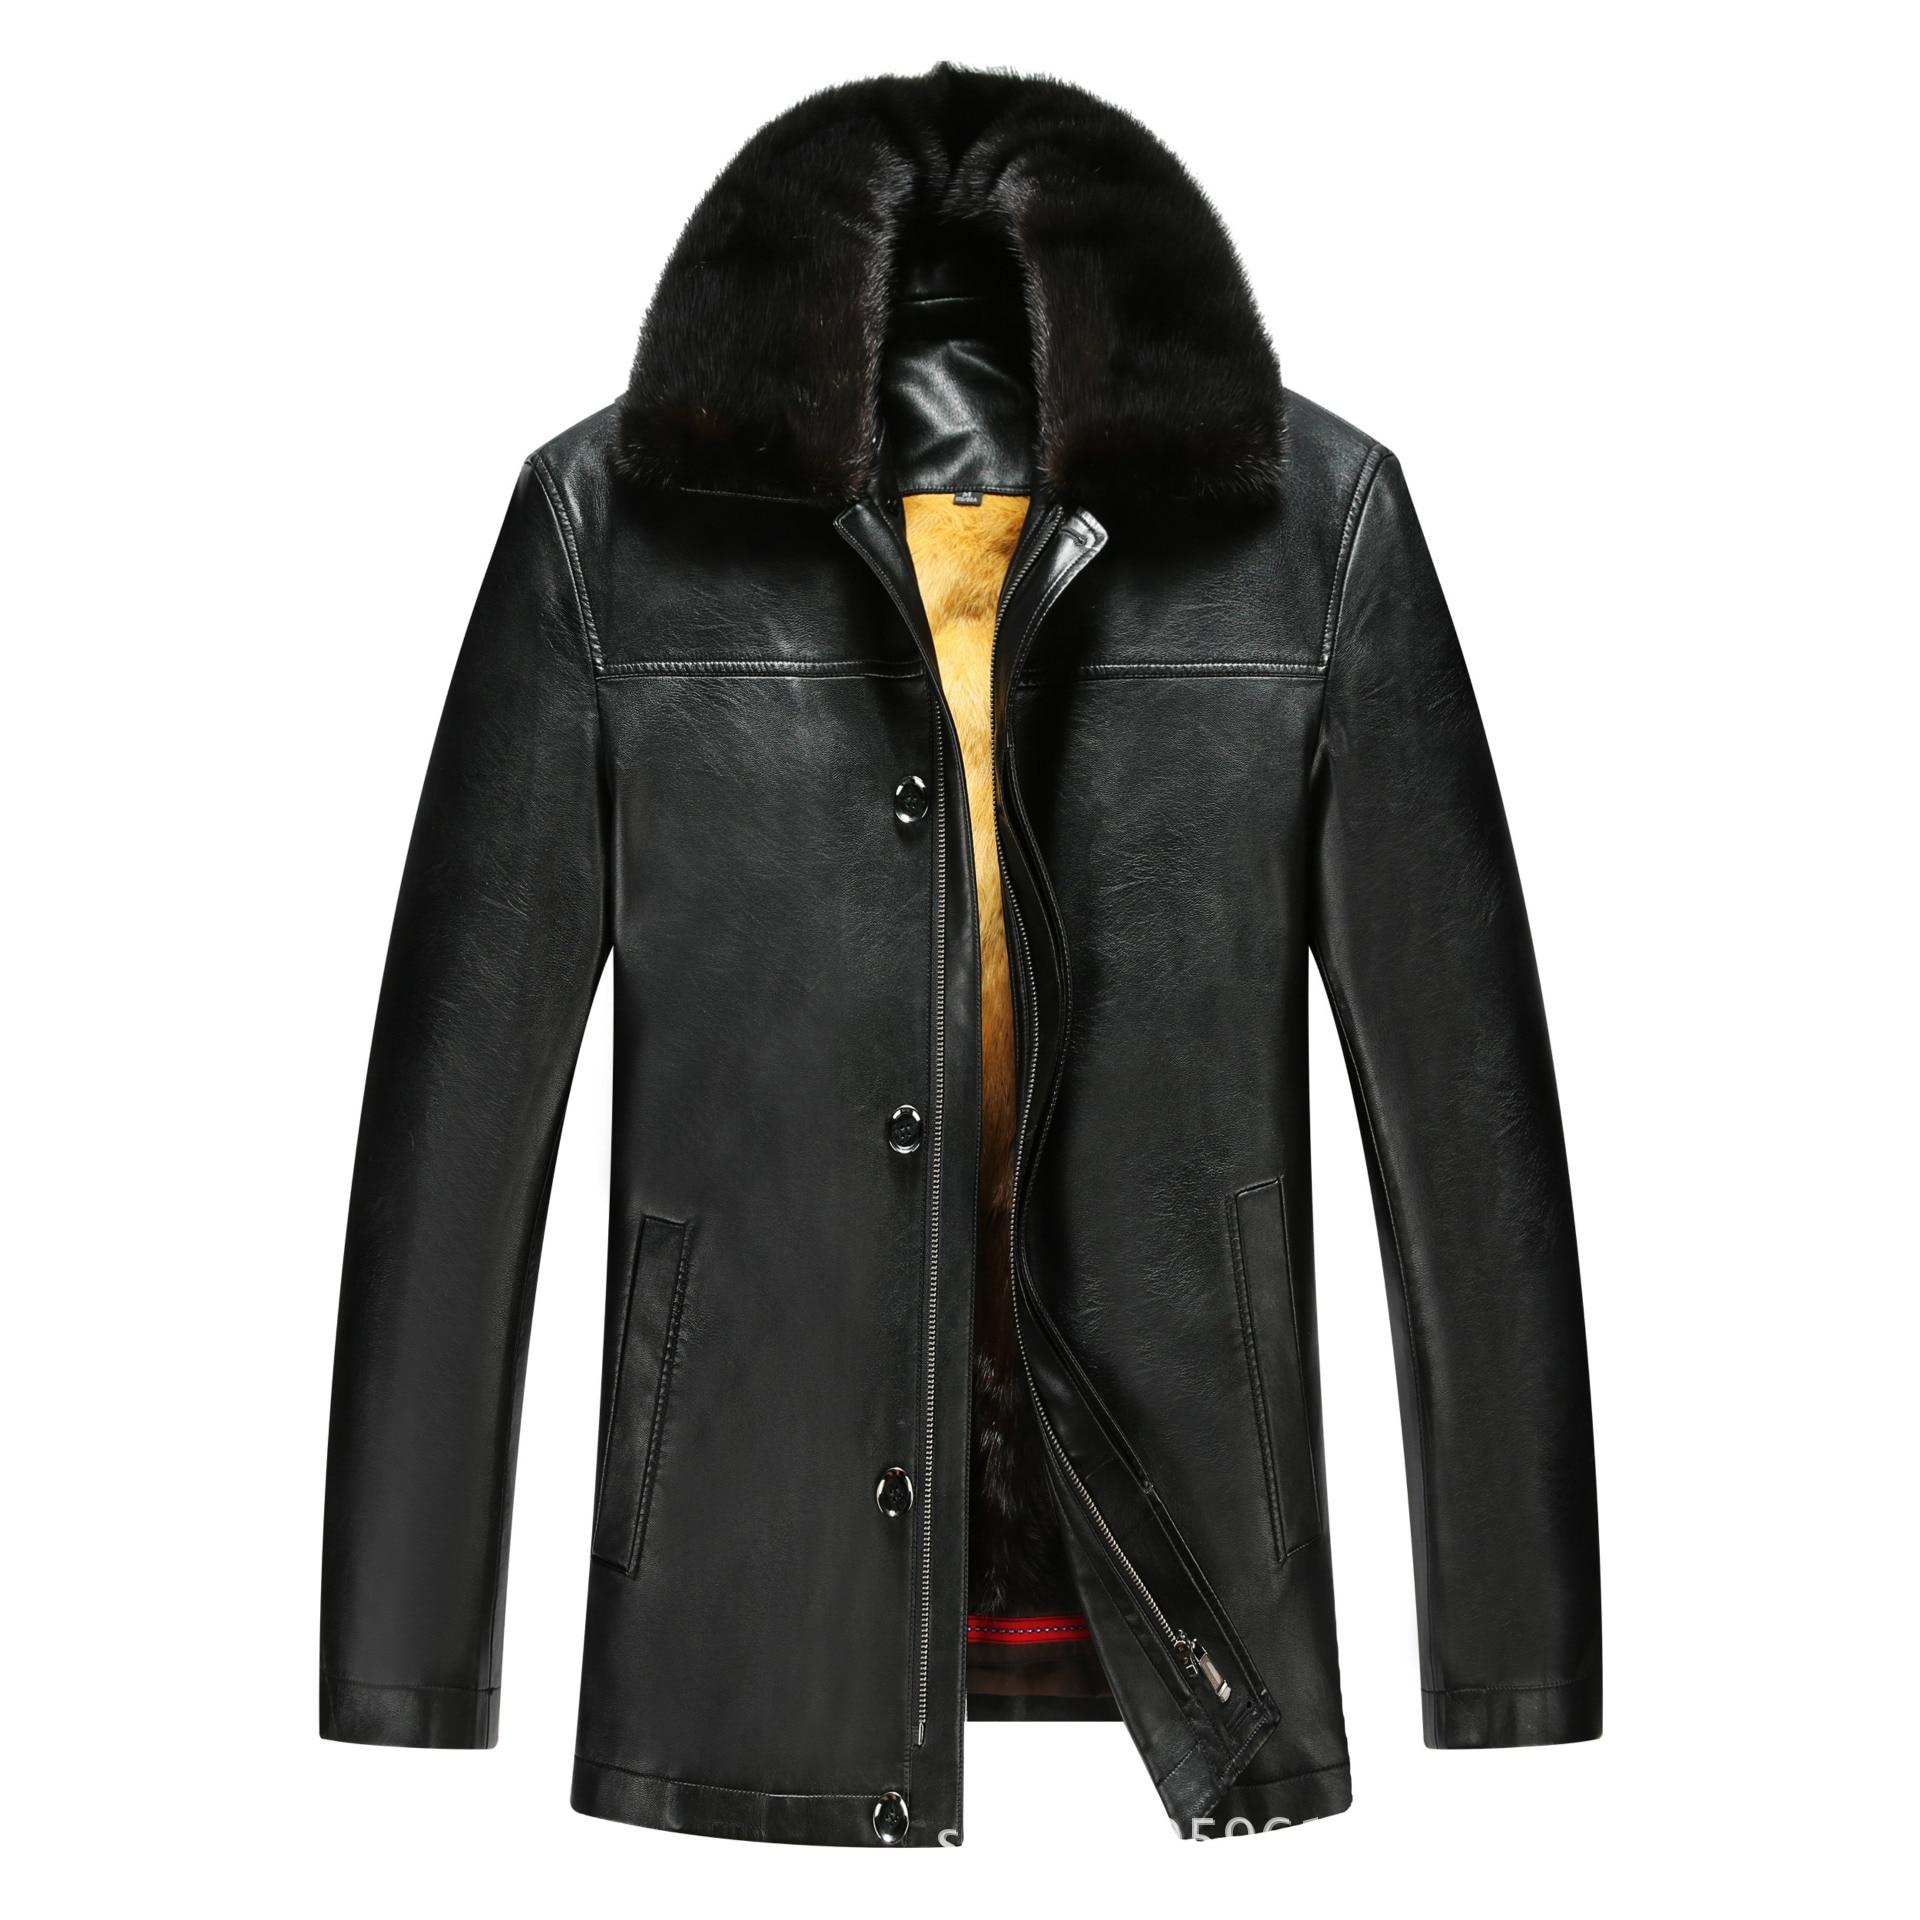 817 nouvelle mode hiver vêtements hommes veste longue en cuir manteau hommes en cuir manteau hiver lapin fourrure doublure vison fourrure veste - 2